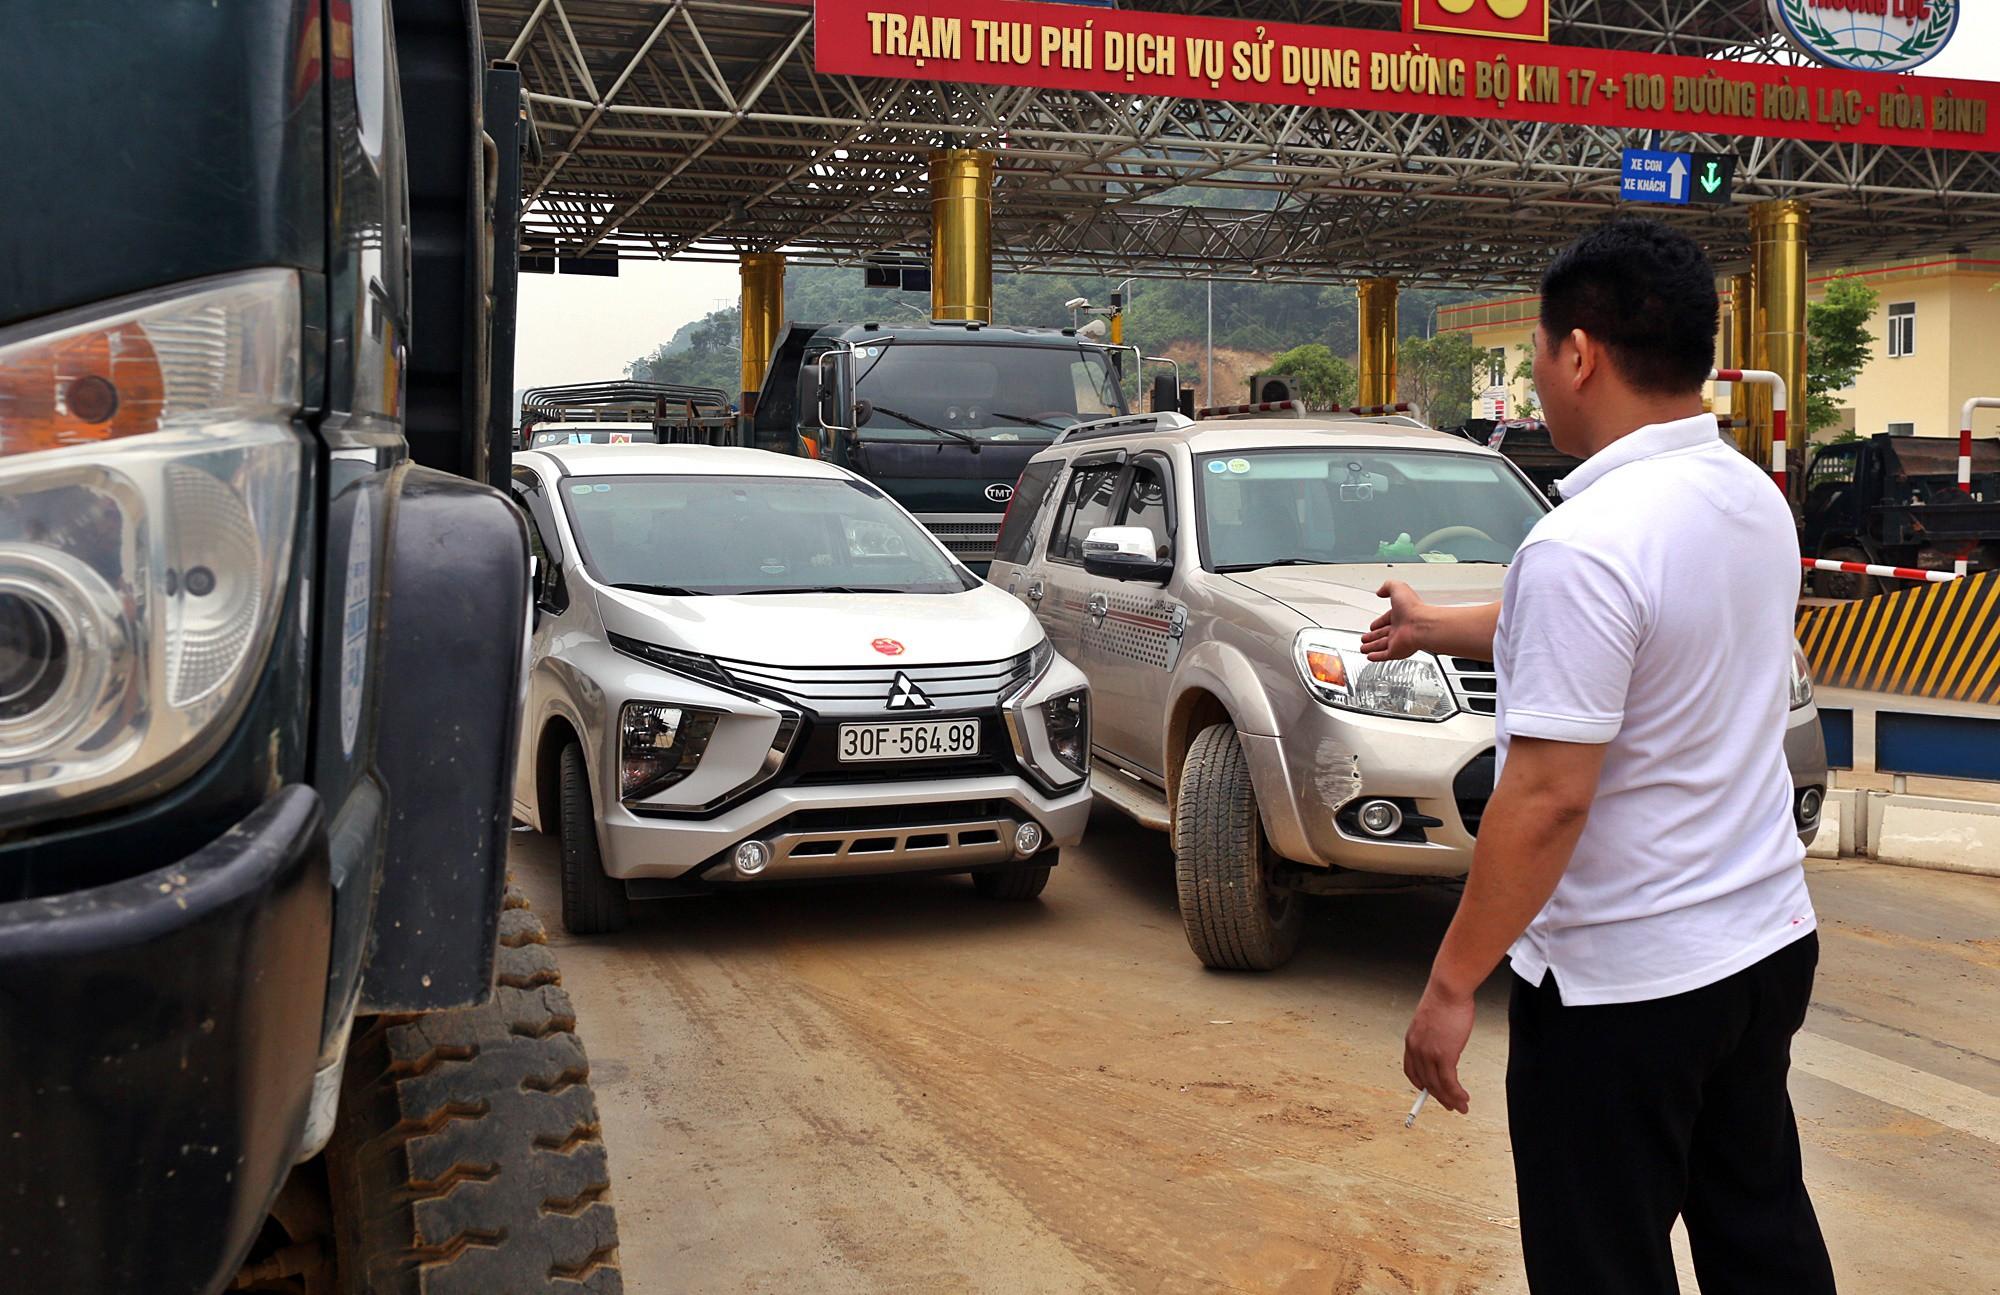 Xe tải chặn làn thu phí BOT Hòa Lạc - Hòa Bình: Nhiều người hì hục kéo dải phân cách để xe đi qua - Ảnh 4.